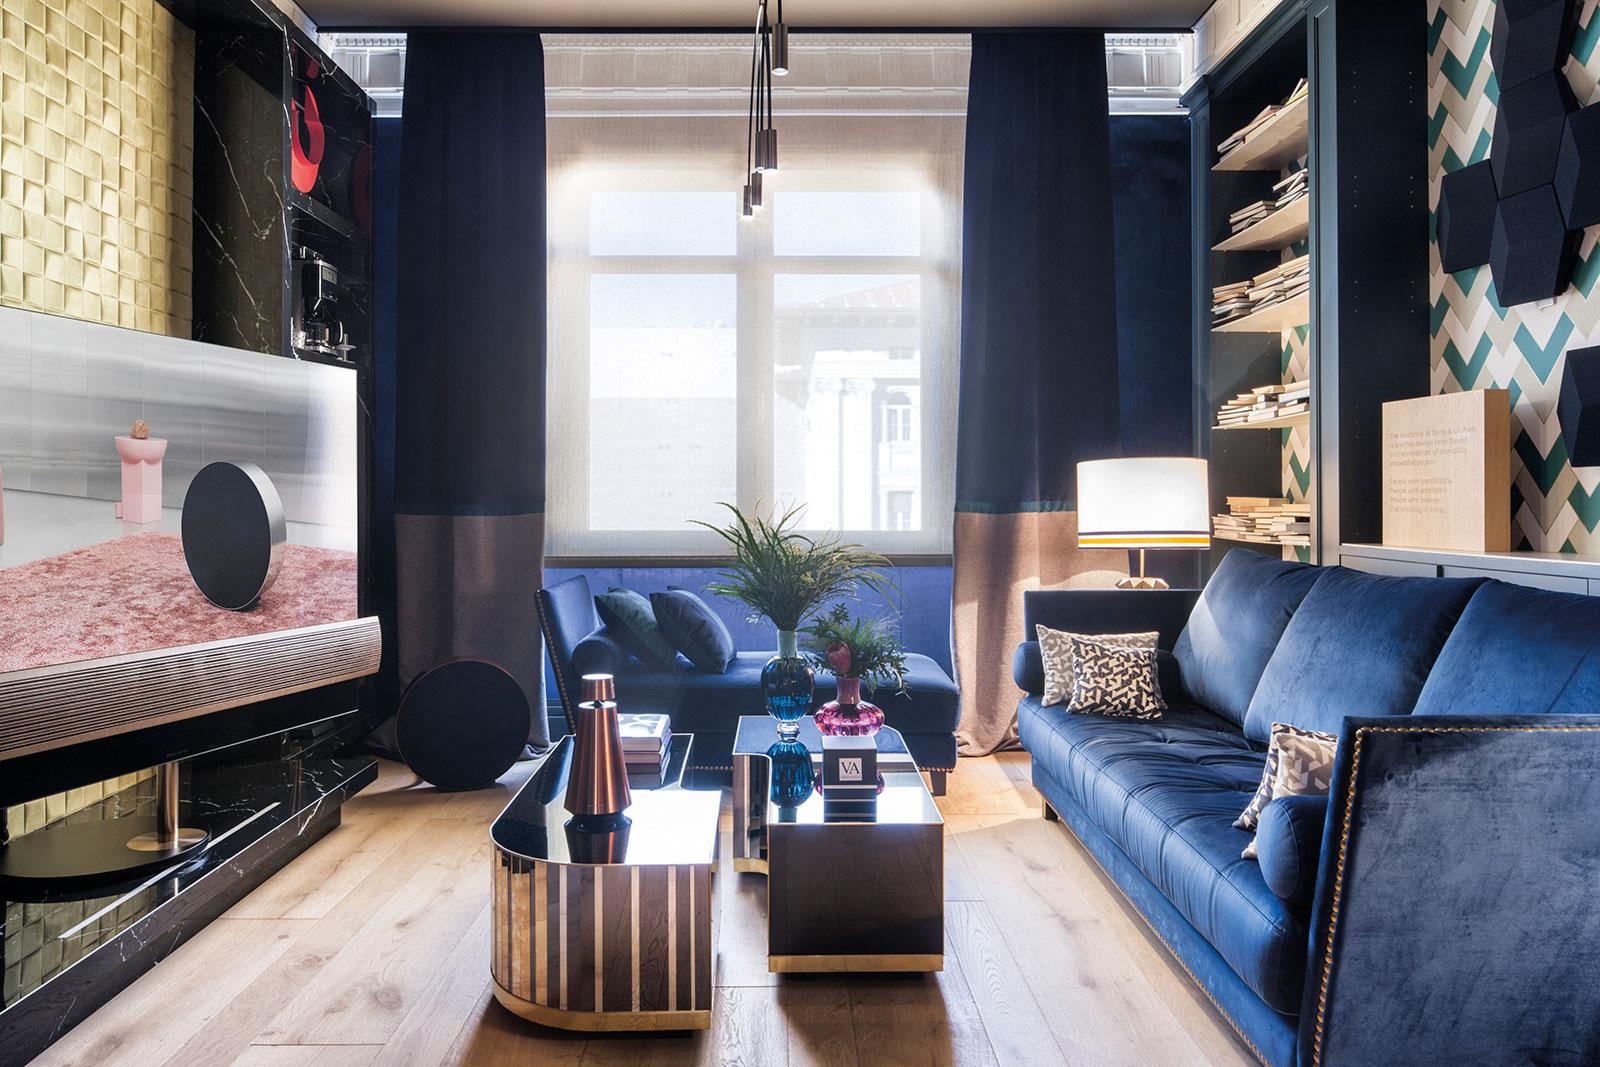 38-salon-bang&olufsen-virginia-albuja-casa-decor-2019-01